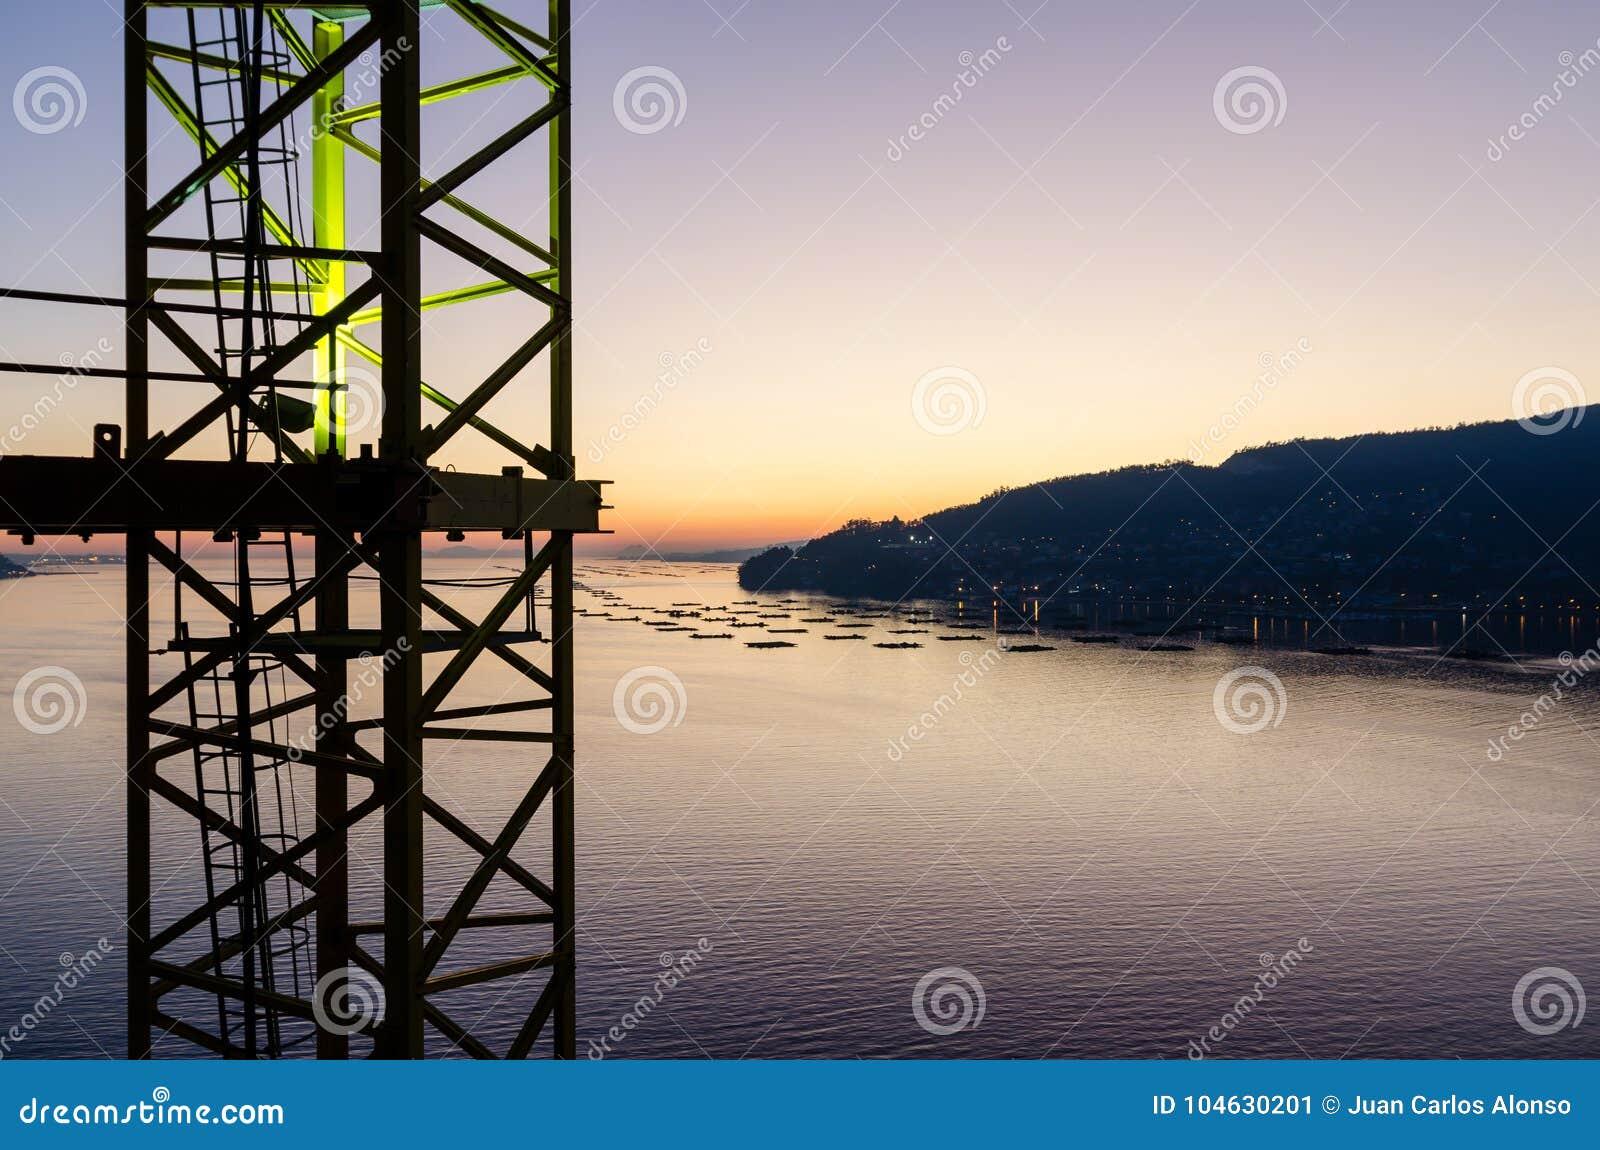 Download Een Sectie Van Een Torenkraan Met Het Overzees Als Achtergrond Tijdens De Zonsondergang Stock Afbeelding - Afbeelding bestaande uit vrede, ontwerp: 104630201